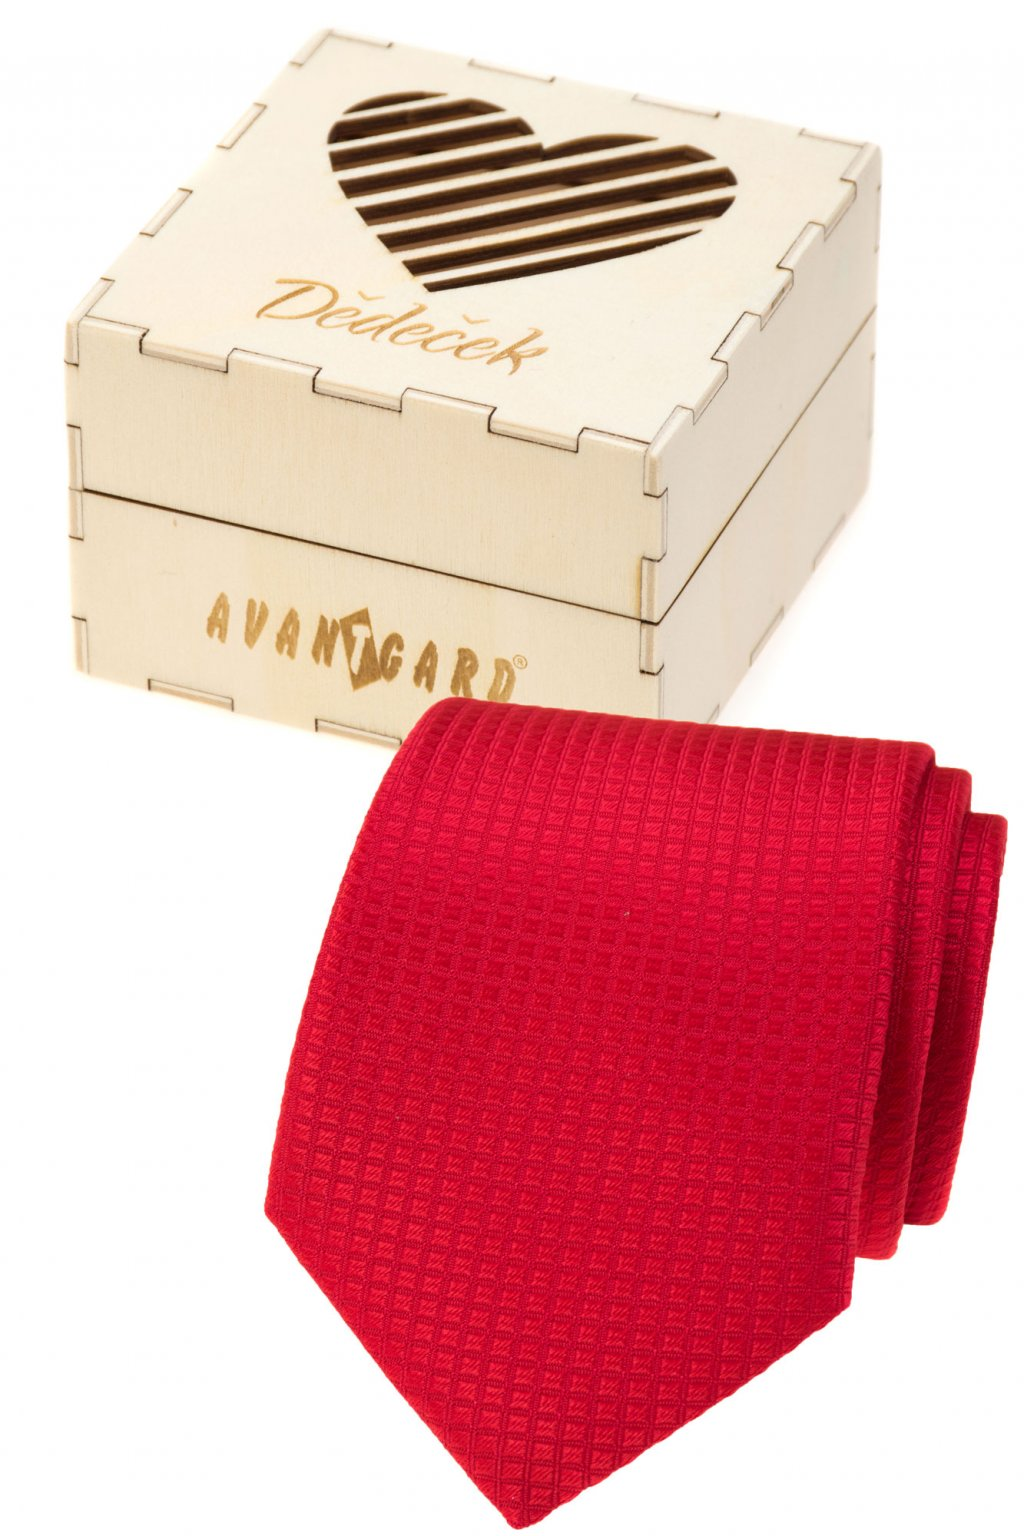 Dárkový set Dědeček - Kravata v dárkové dřevěné krabičce s nápisem červená, přírodní dřevo 919 - 37225